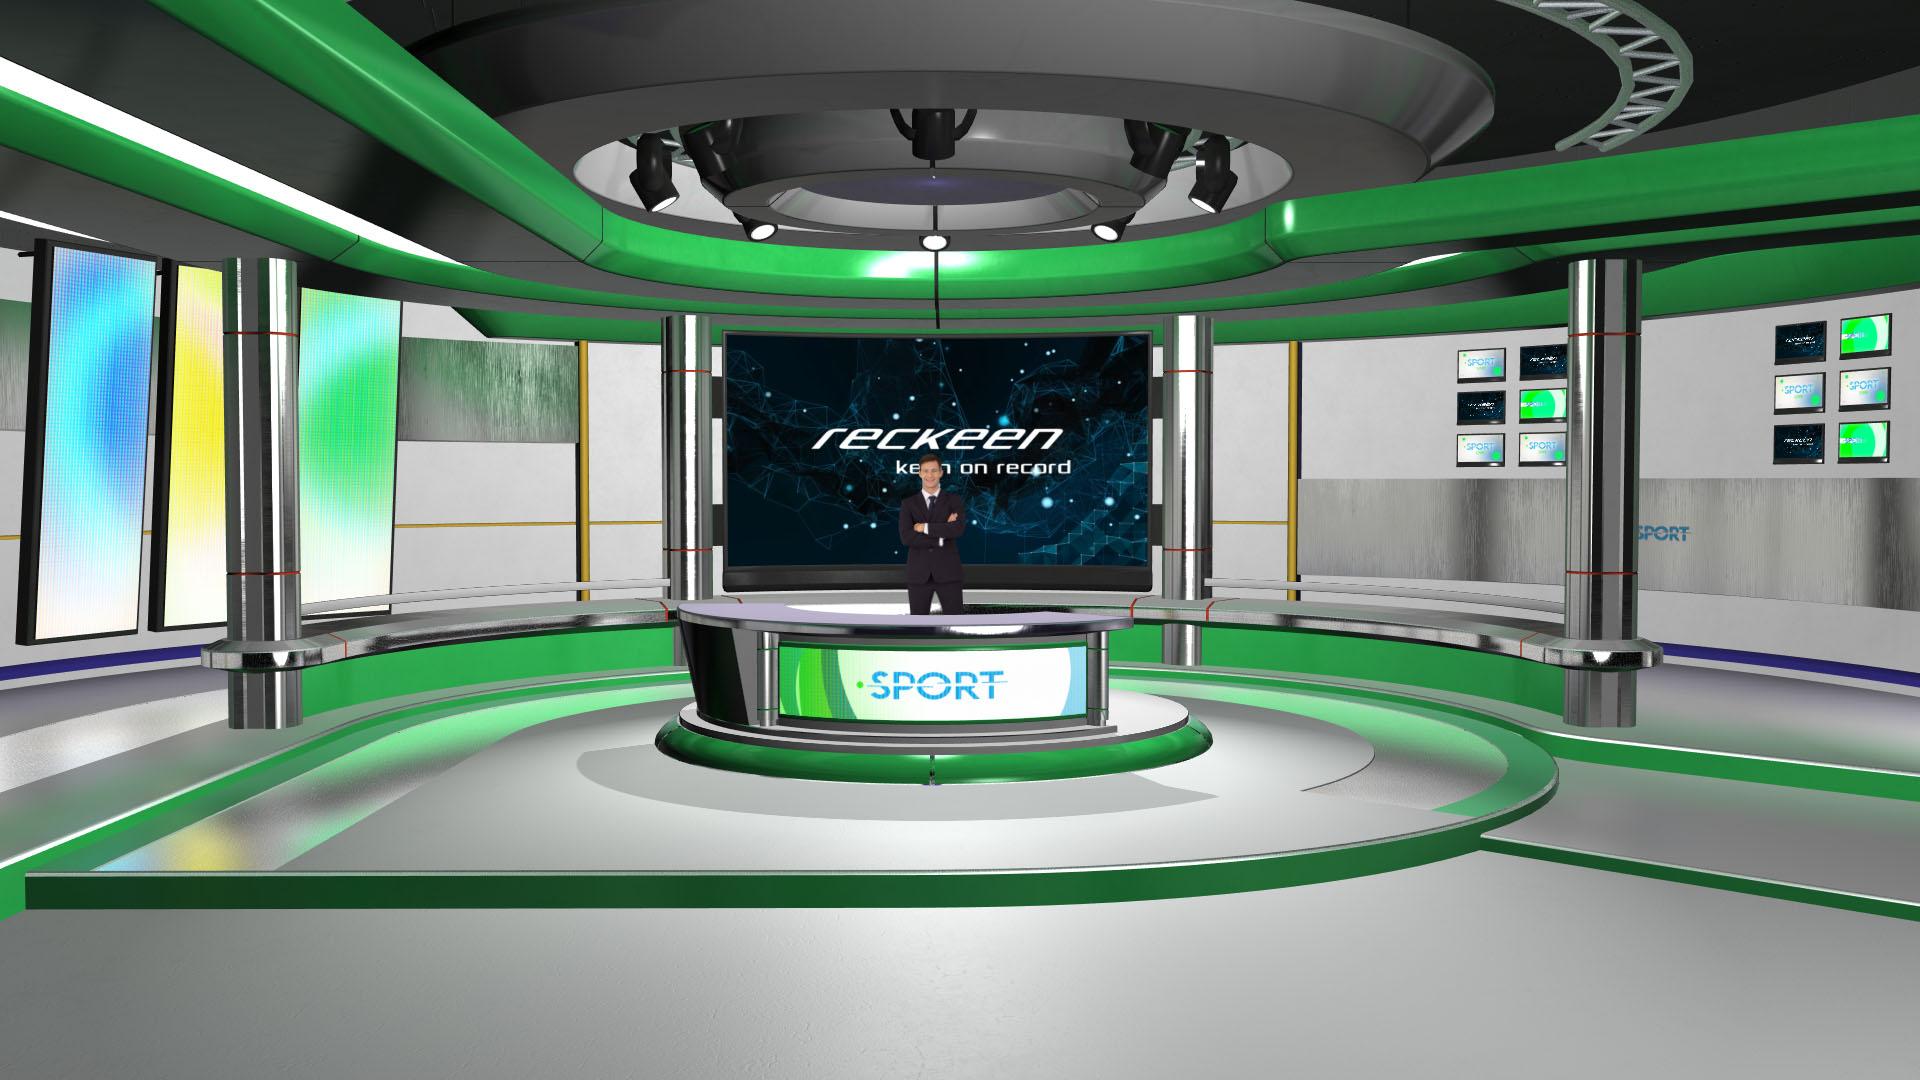 Sport_shot_1